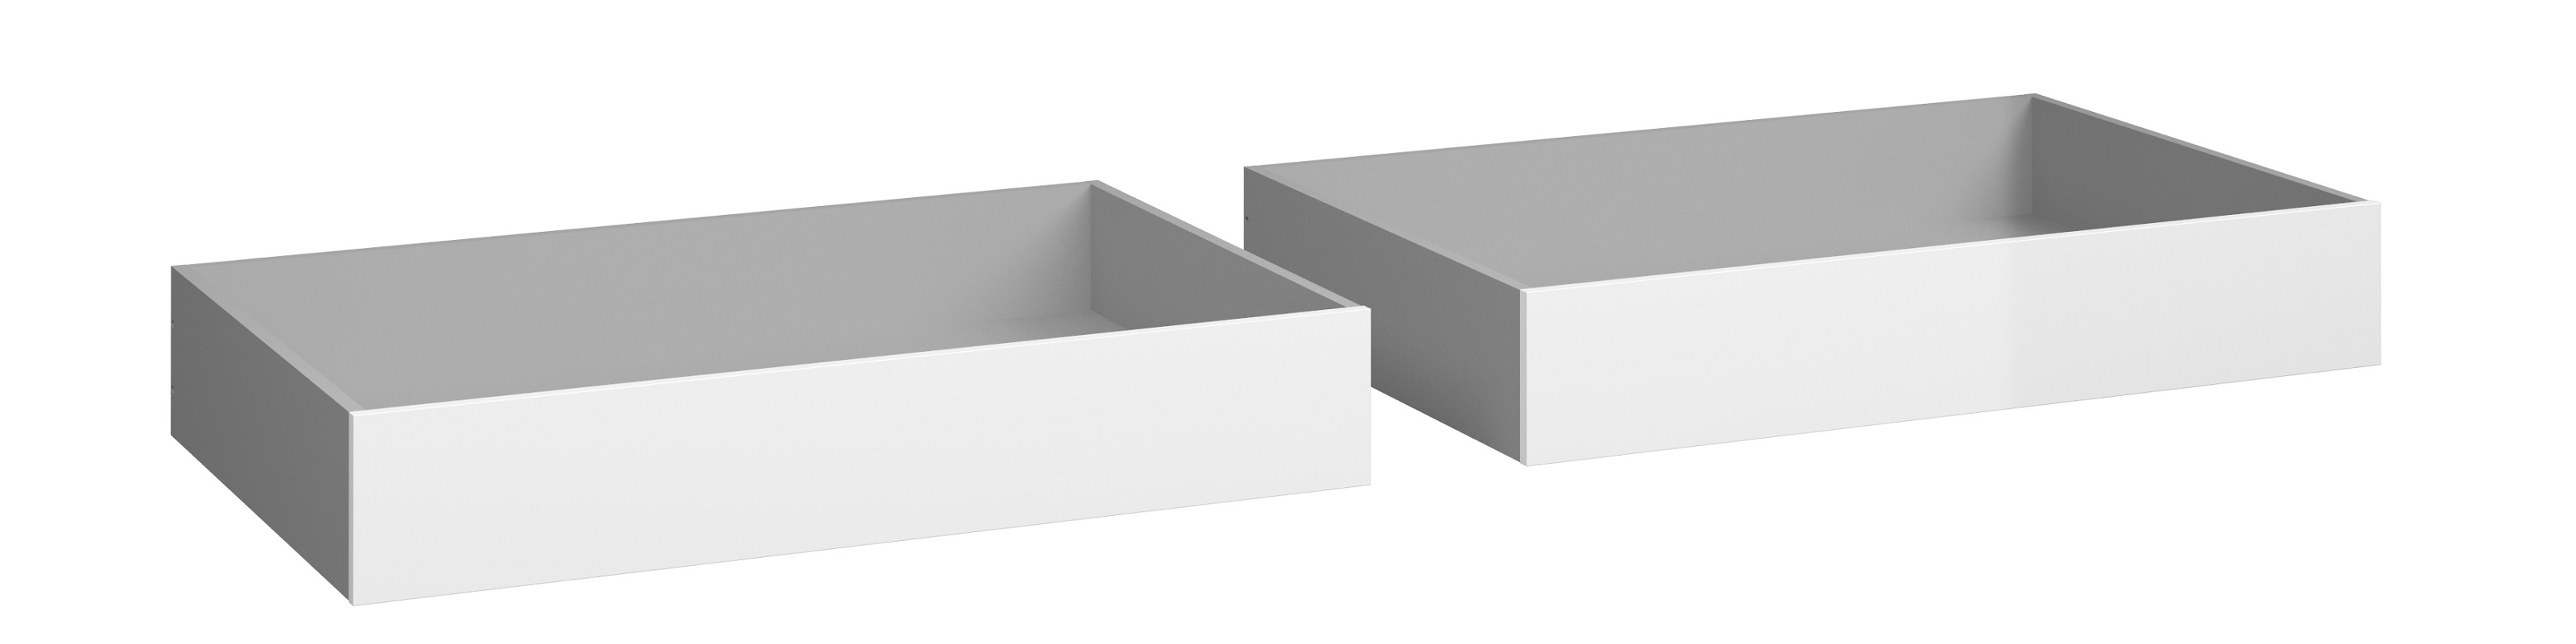 N/A Naia sengeskuffe - hvid højglans - 2 stk. på unoliving.com